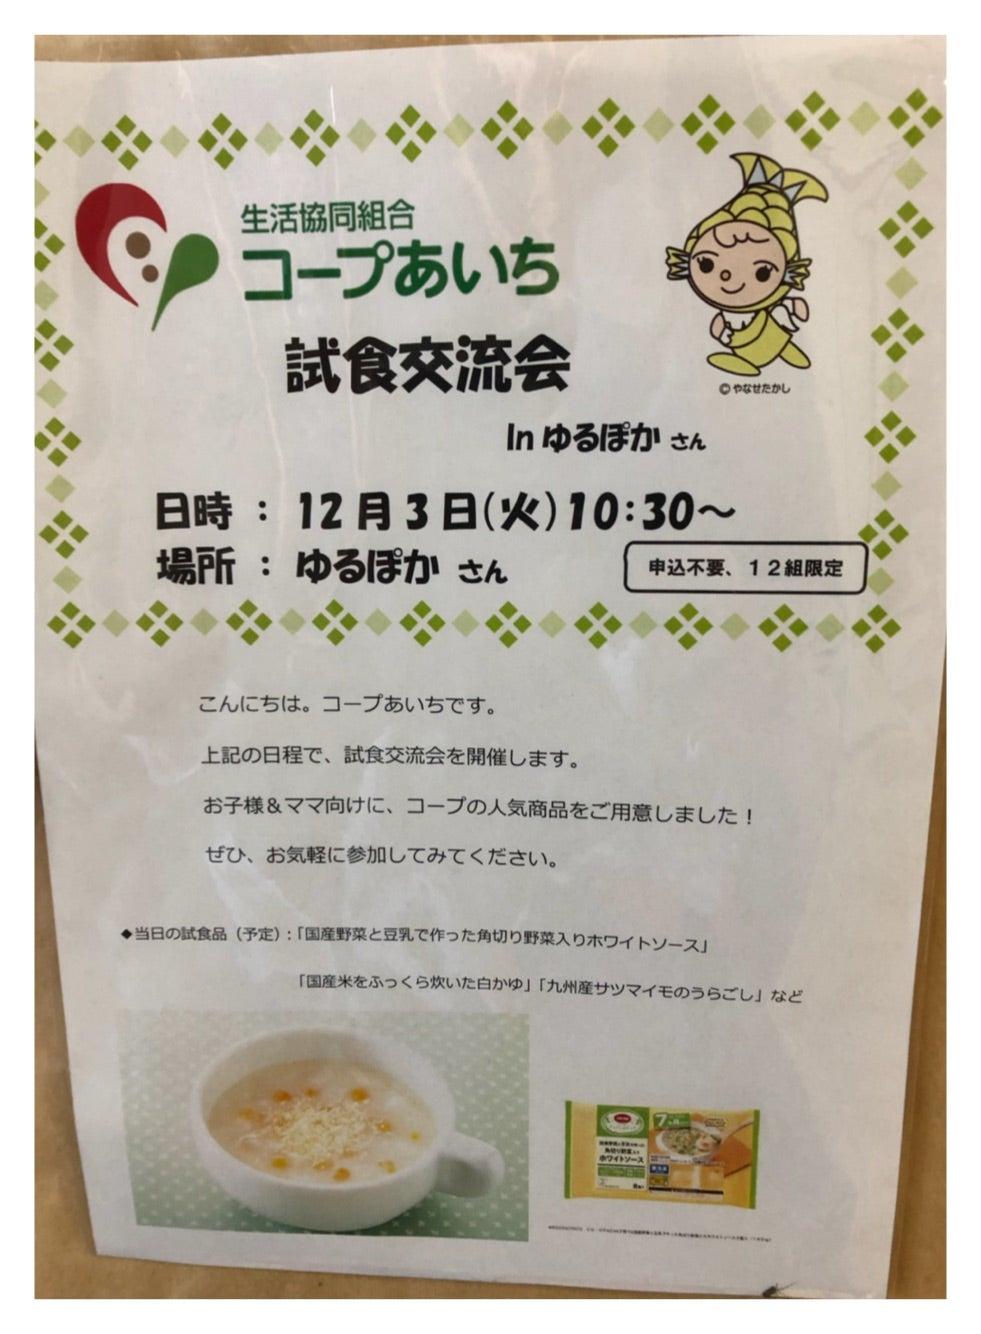 12/3(火) コープあいち「試食交流会」のお知らせ!